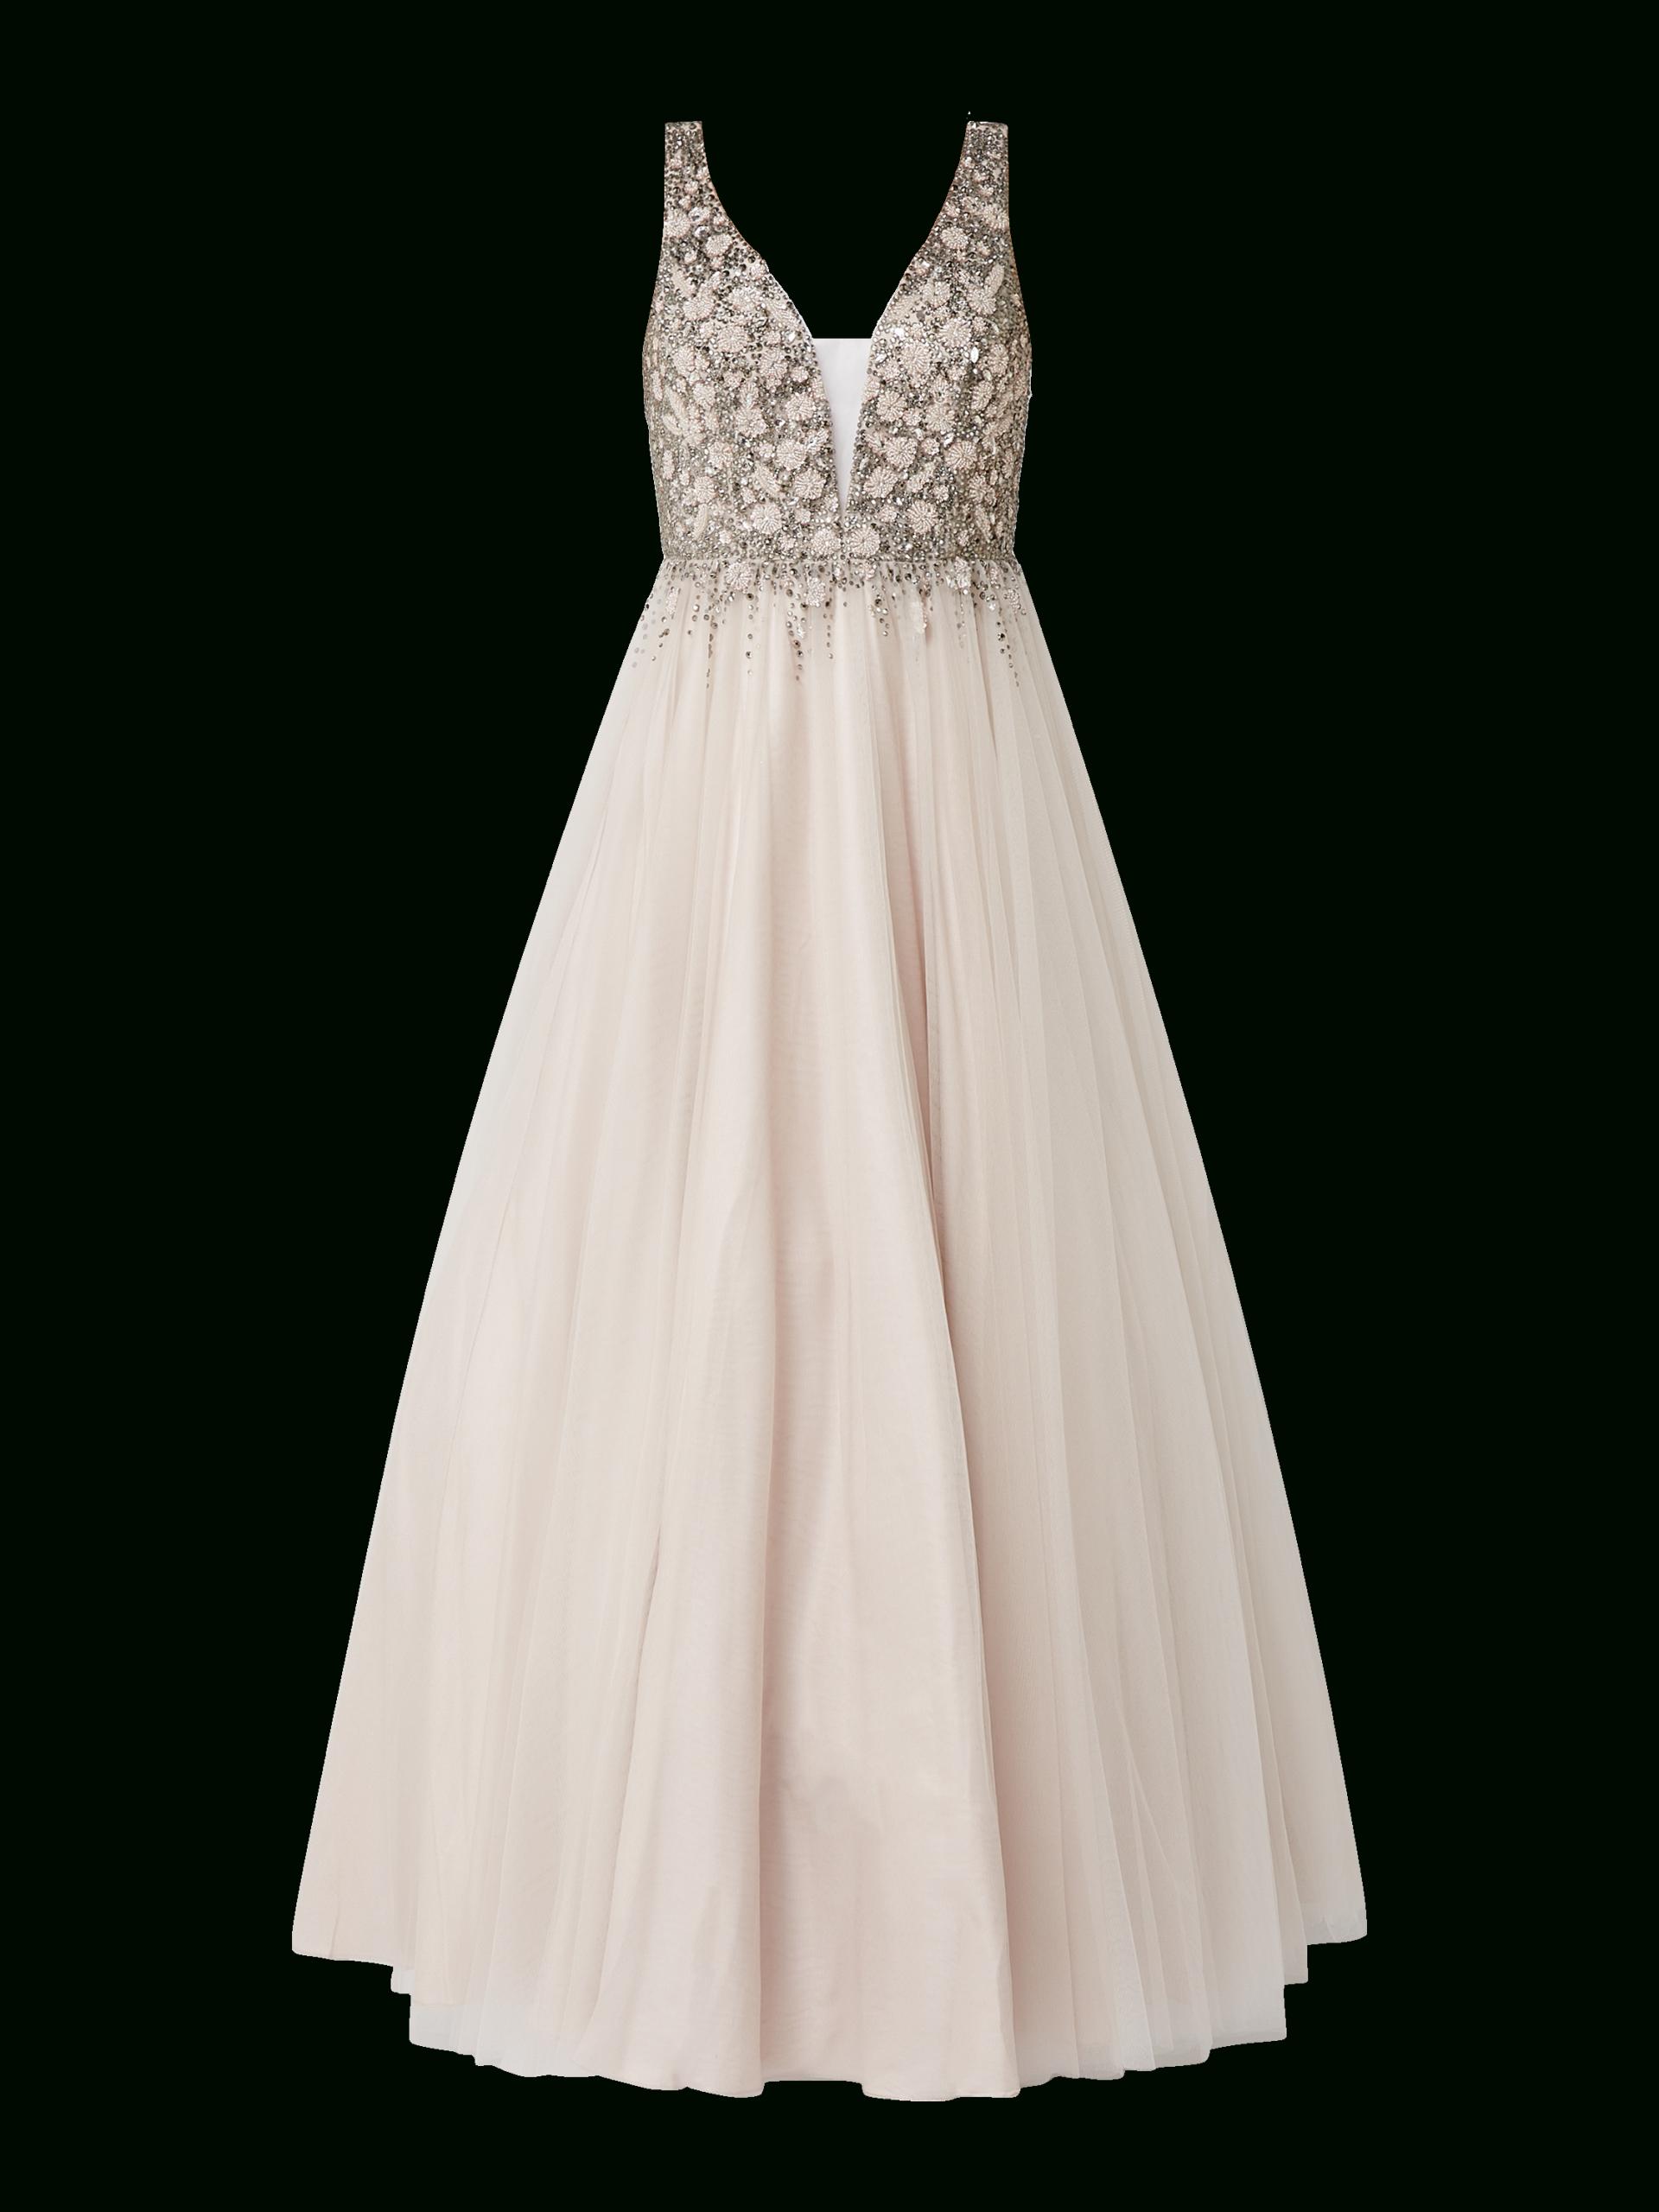 Festliche Kleider Für Hochzeit Peek Und Cloppenburg - Abendkleid